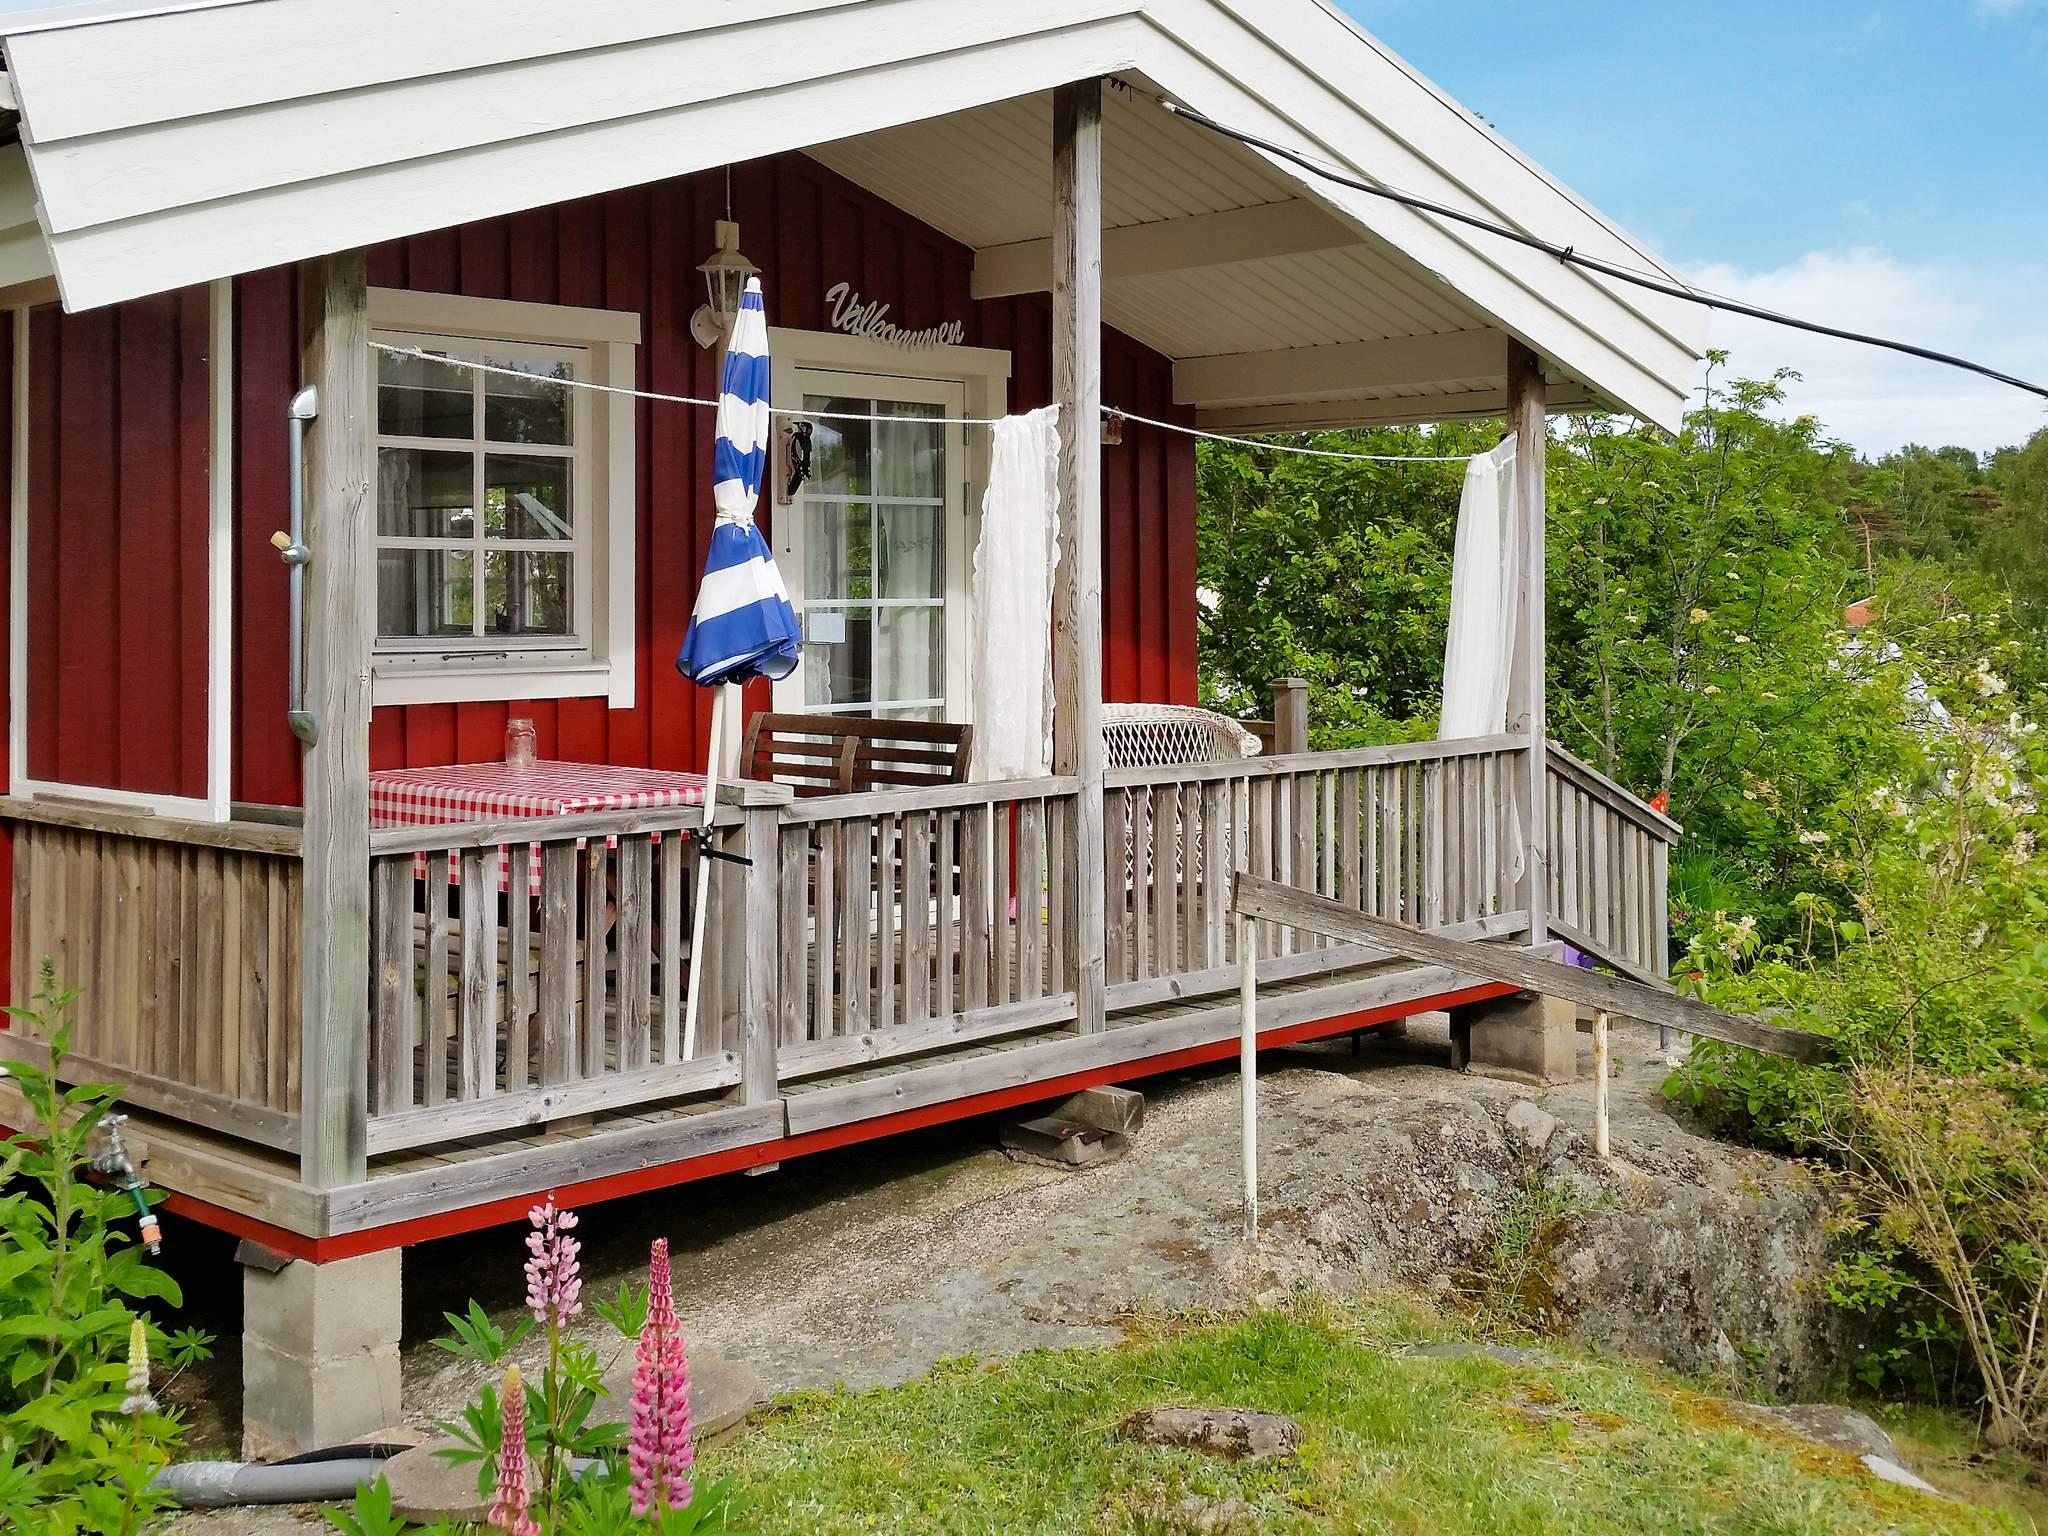 Ferienhaus Billdal (402816), Billdal, Hallands län, Südschweden, Schweden, Bild 8